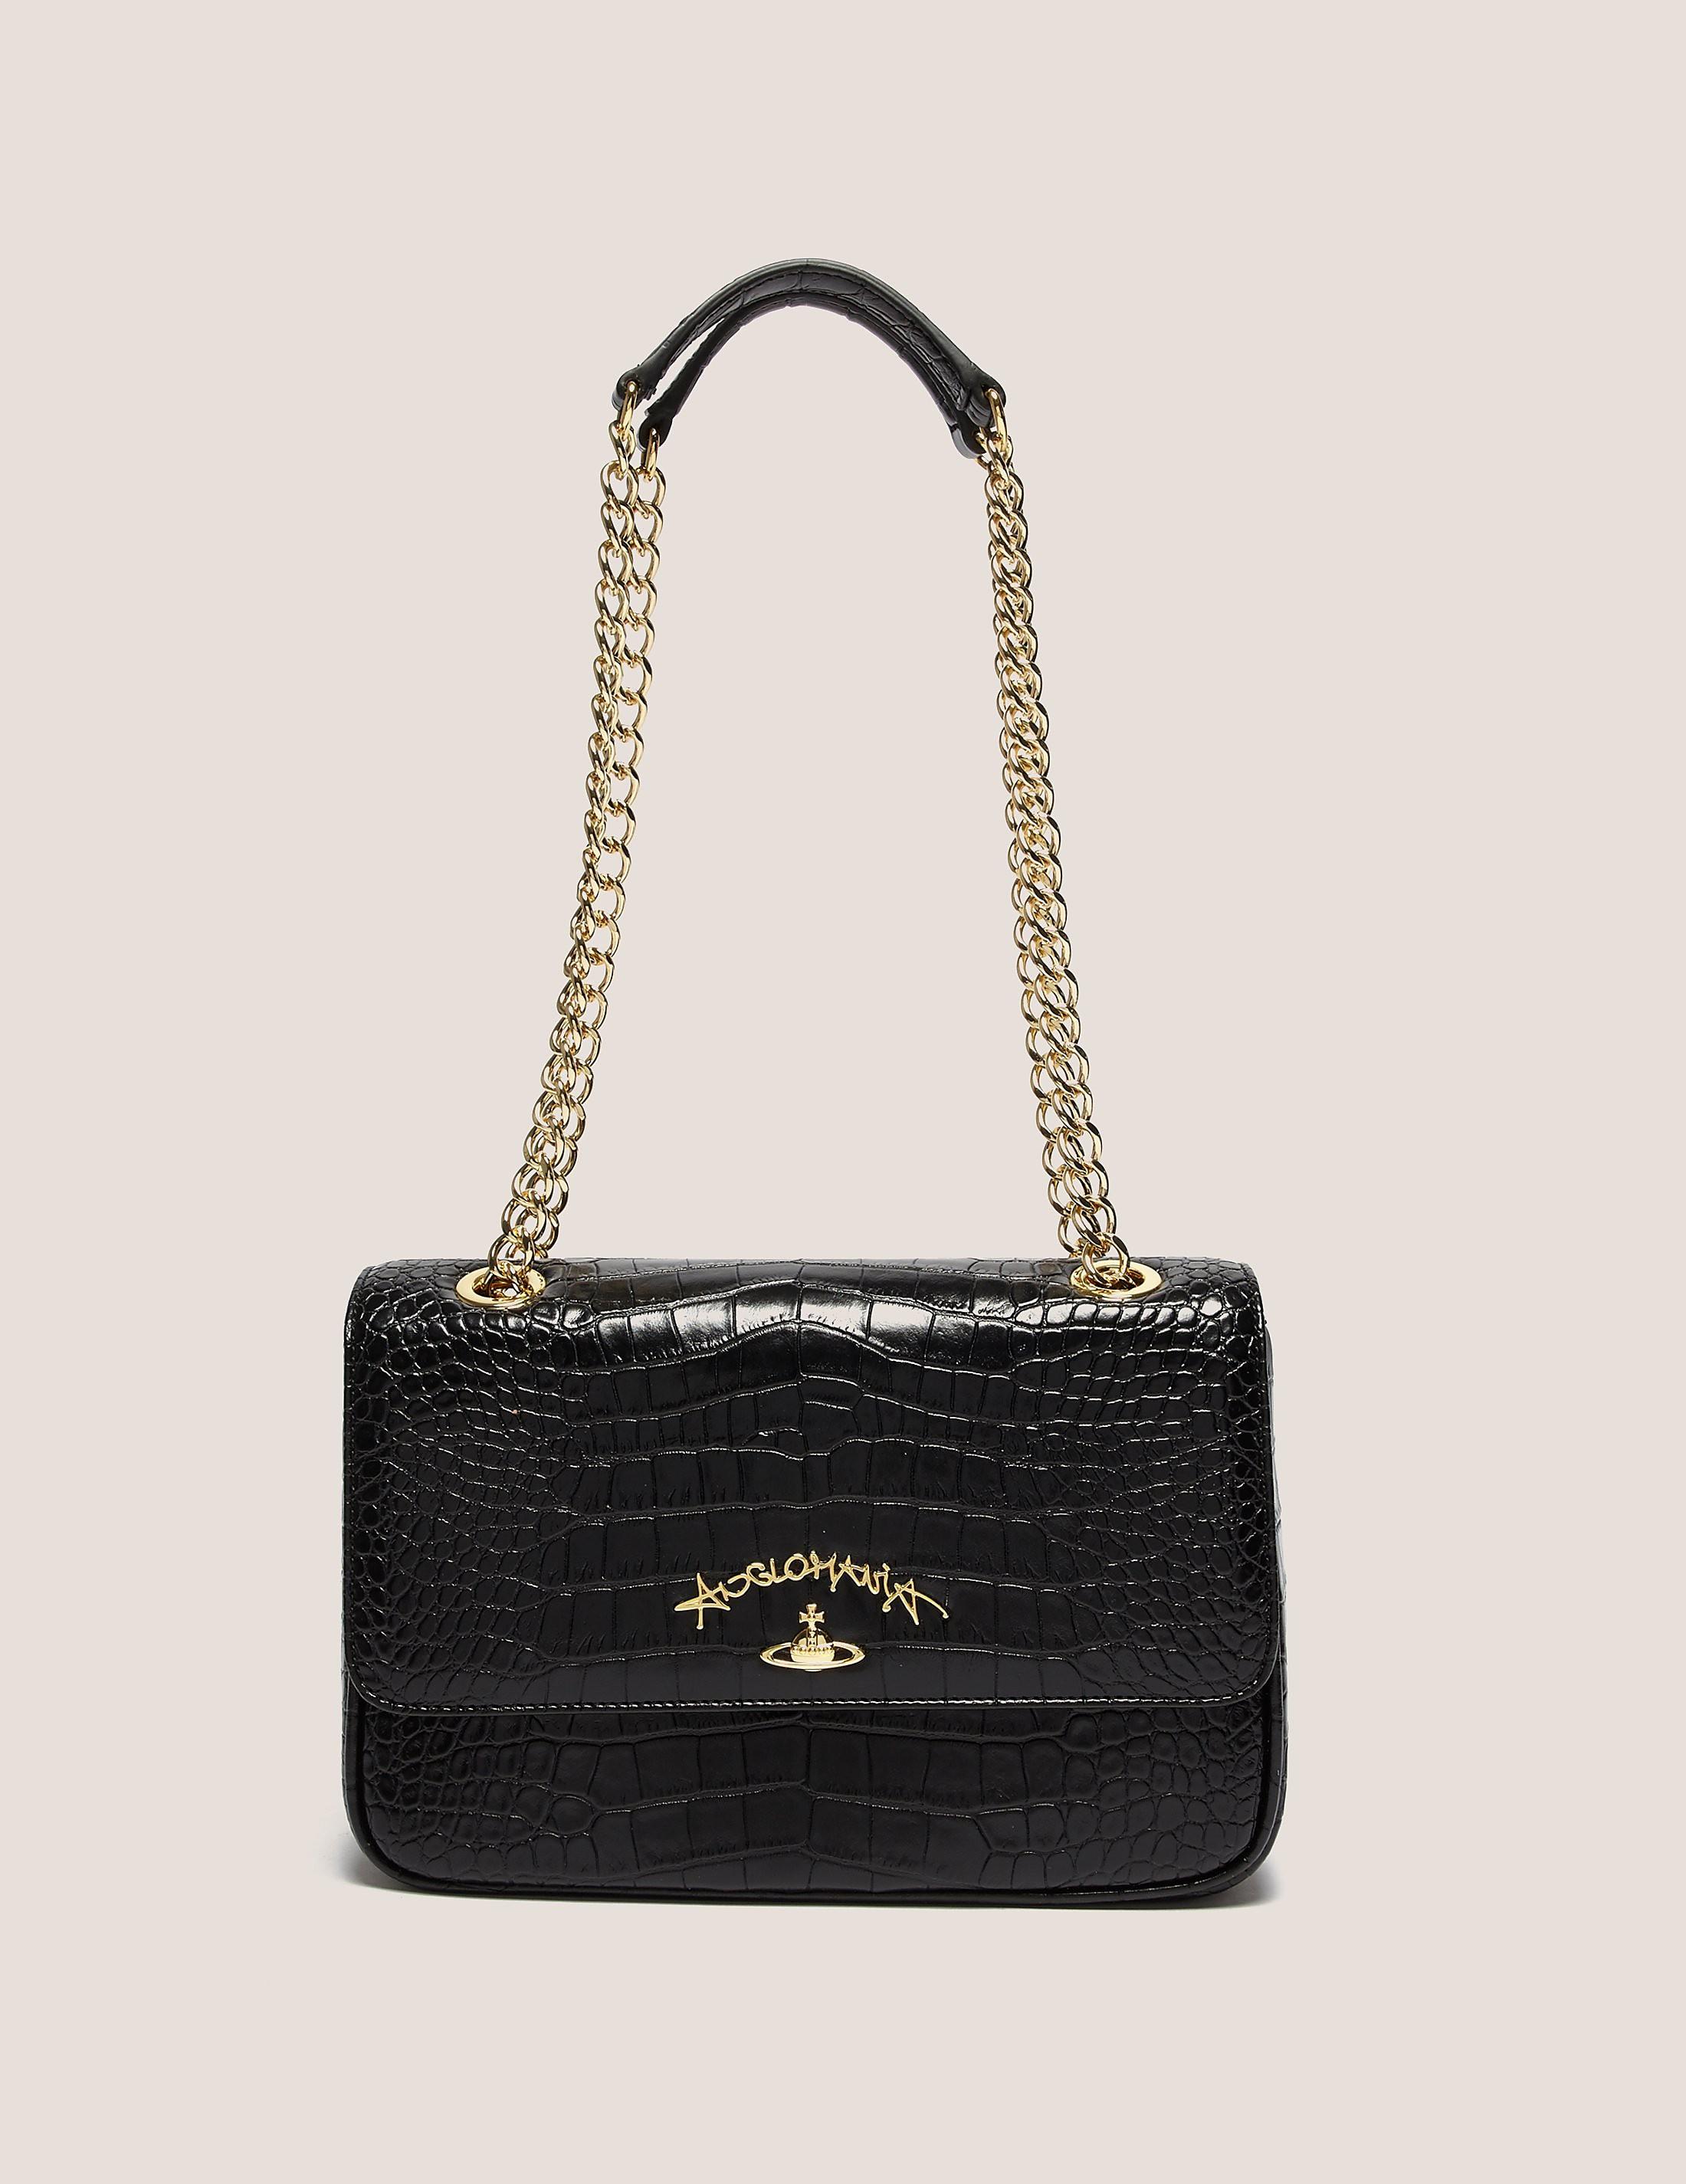 Vivienne Westwood Dorset Shoulder Bag